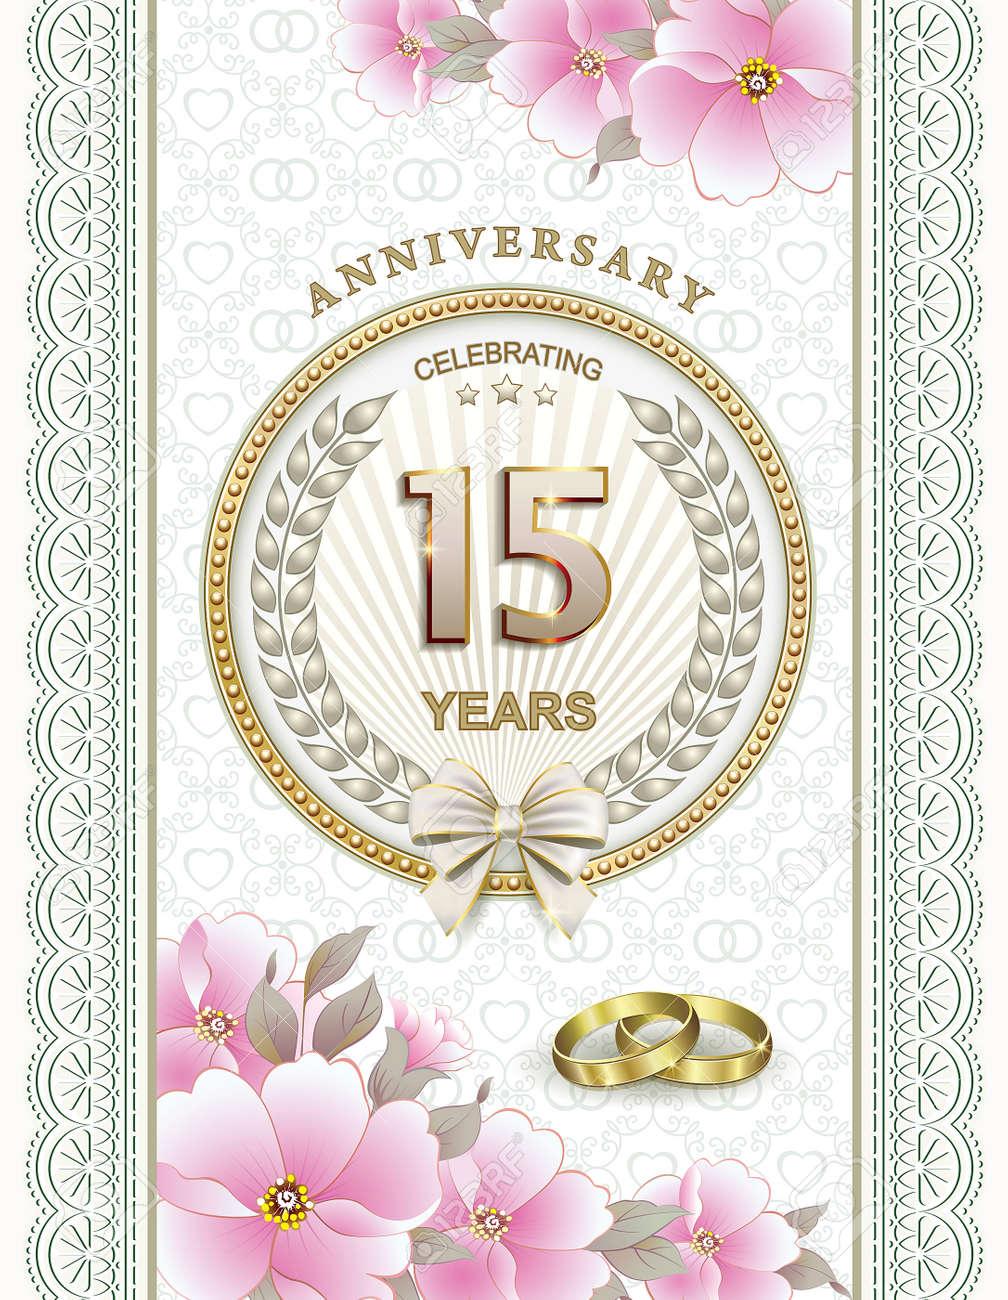 Anniversario 15 Anni Matrimonio.15th Anniversary Of Marriage Royalty Free Cliparts Vectors And